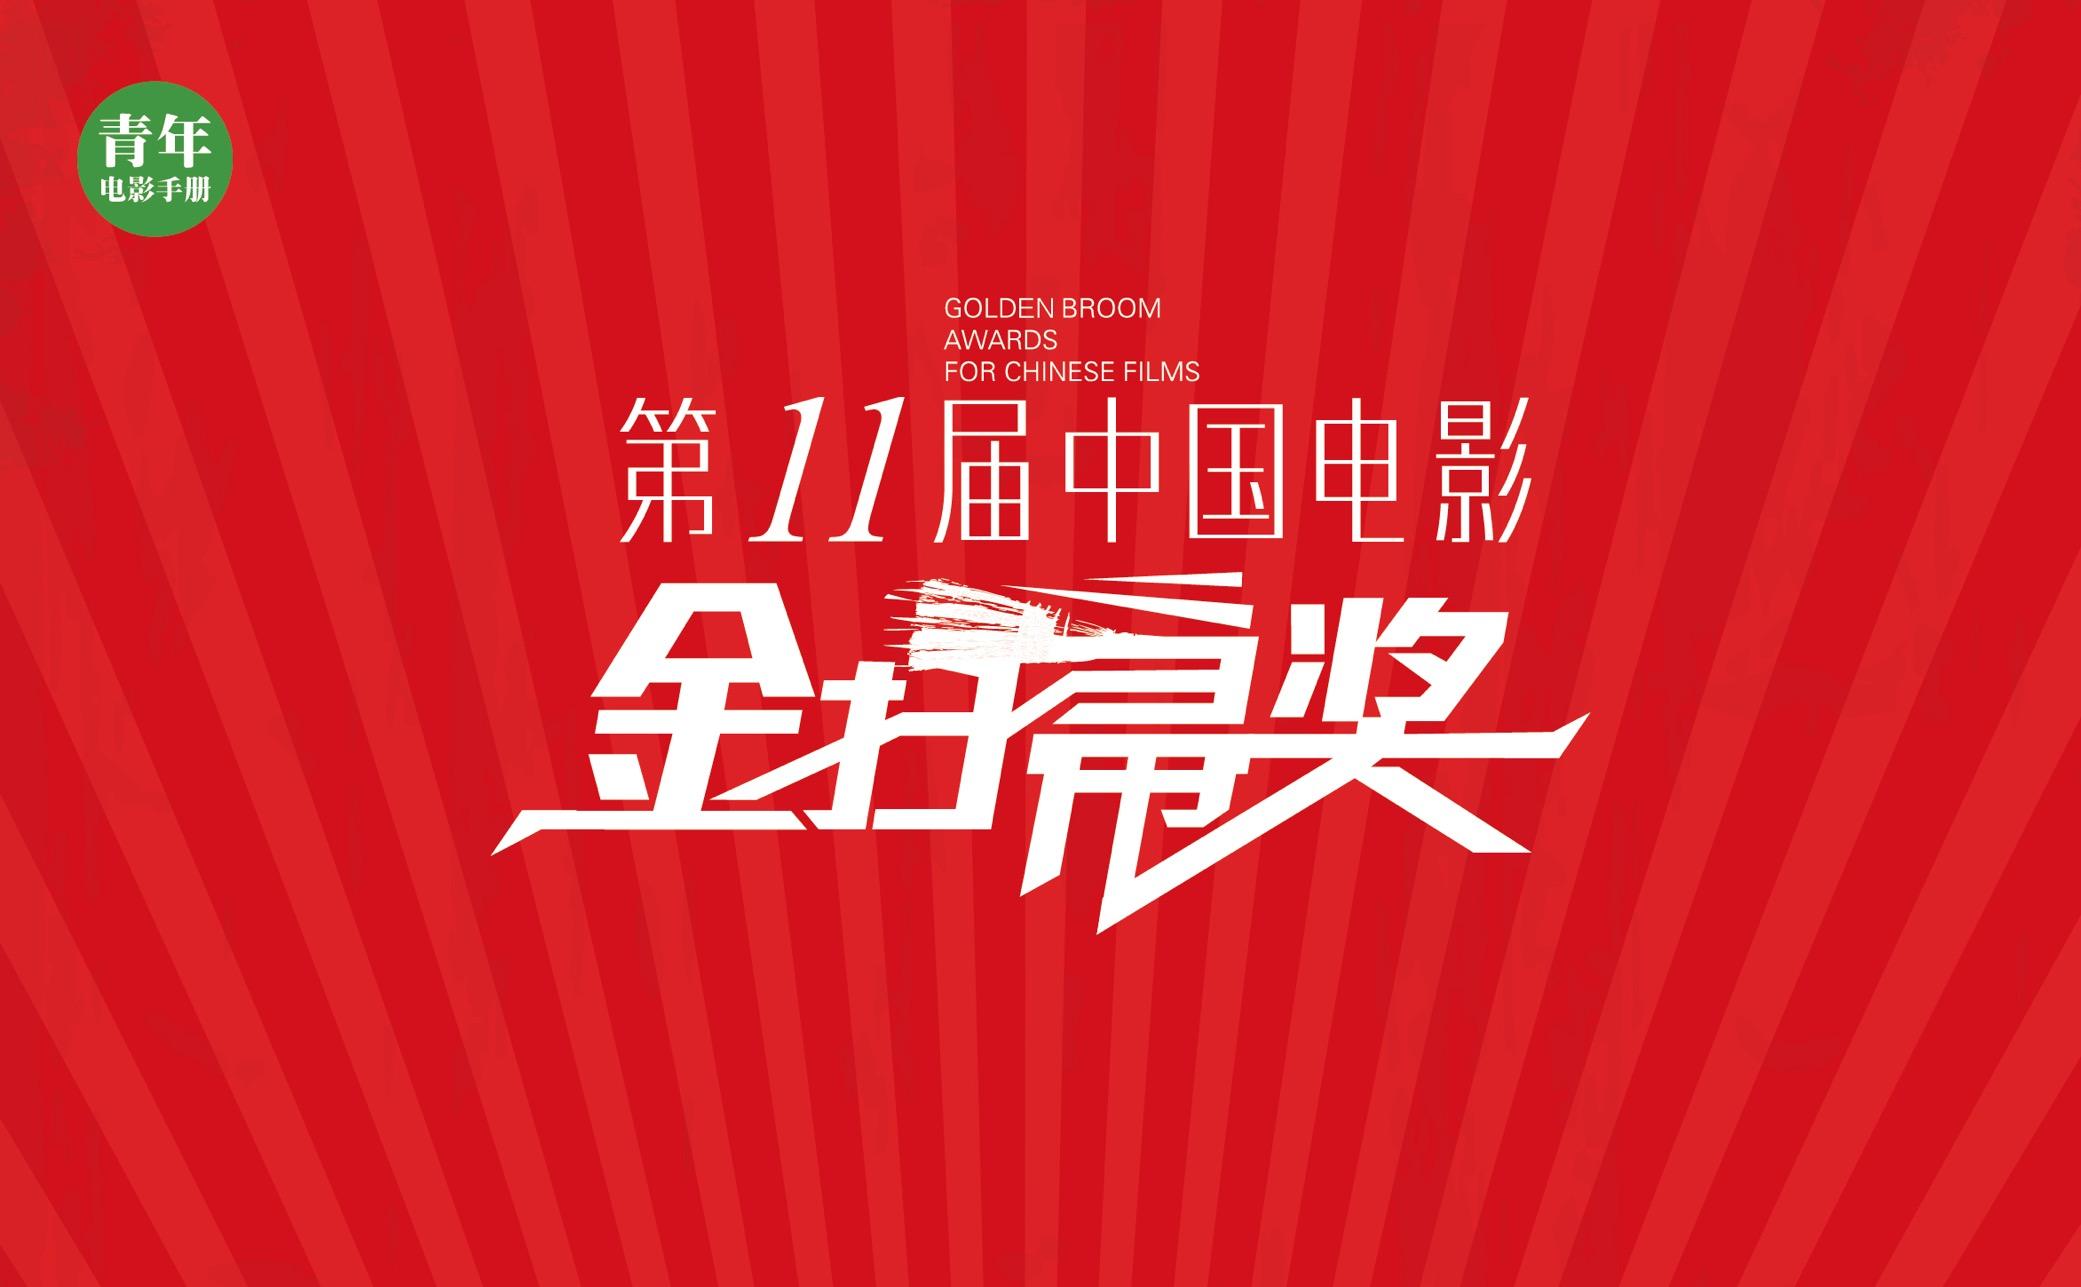 肖战鹿晗最令人失望男演员领跑金扫帚奖第三季